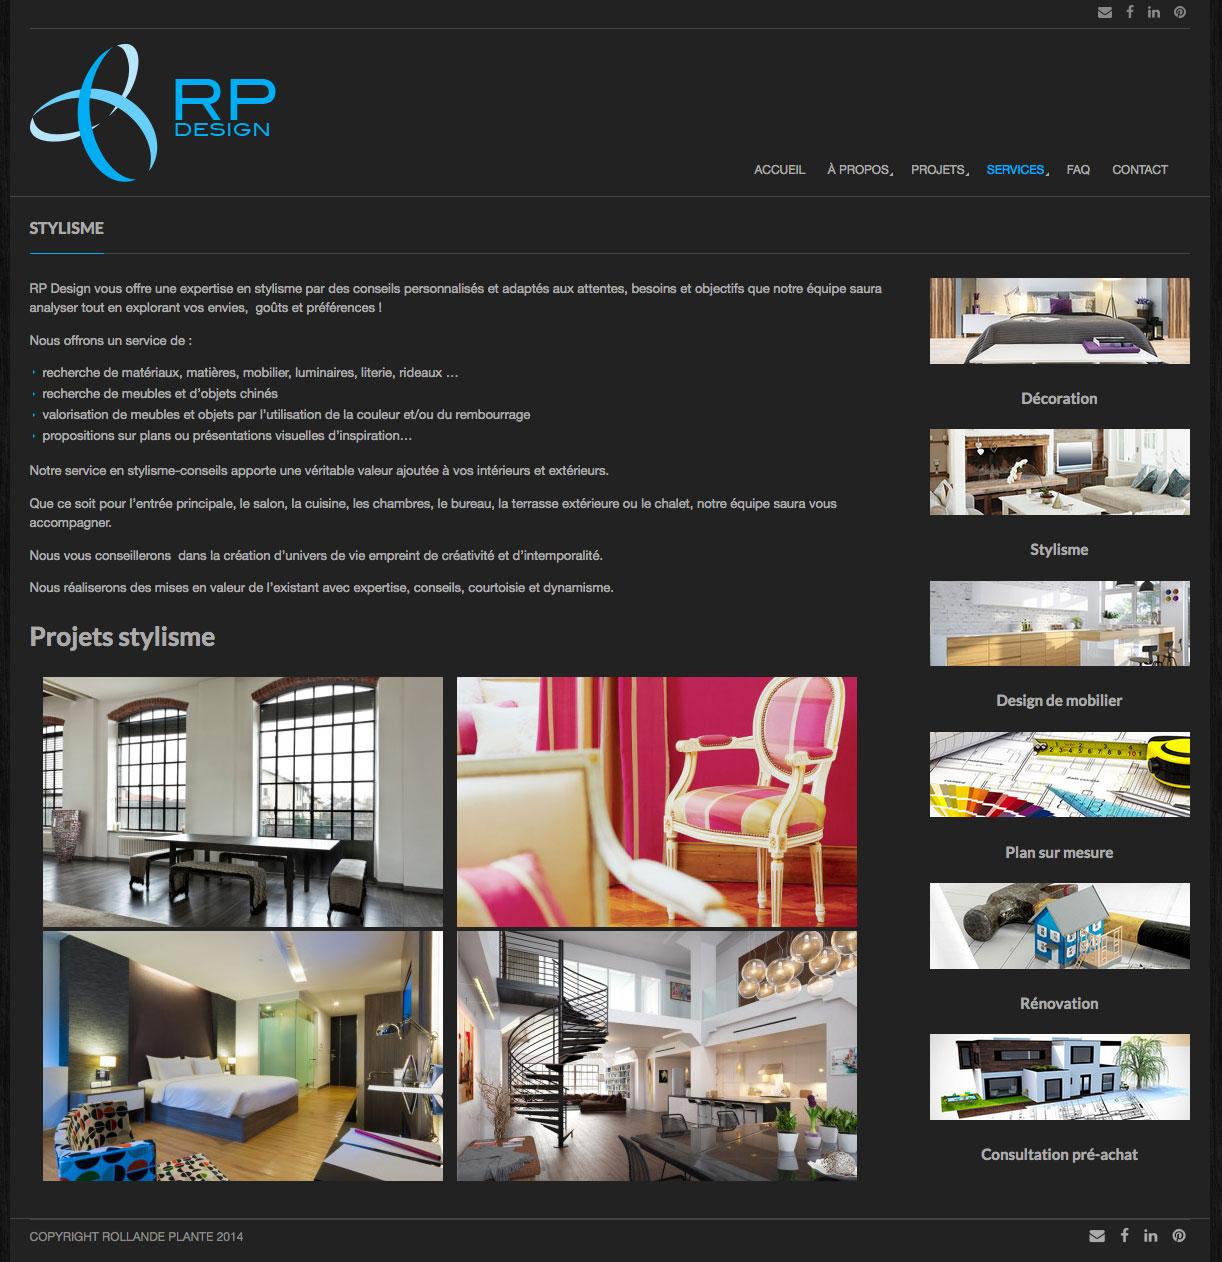 Agitatrice de solutions - Projet RP Design - Branding - Communication - Site Web - Page destination